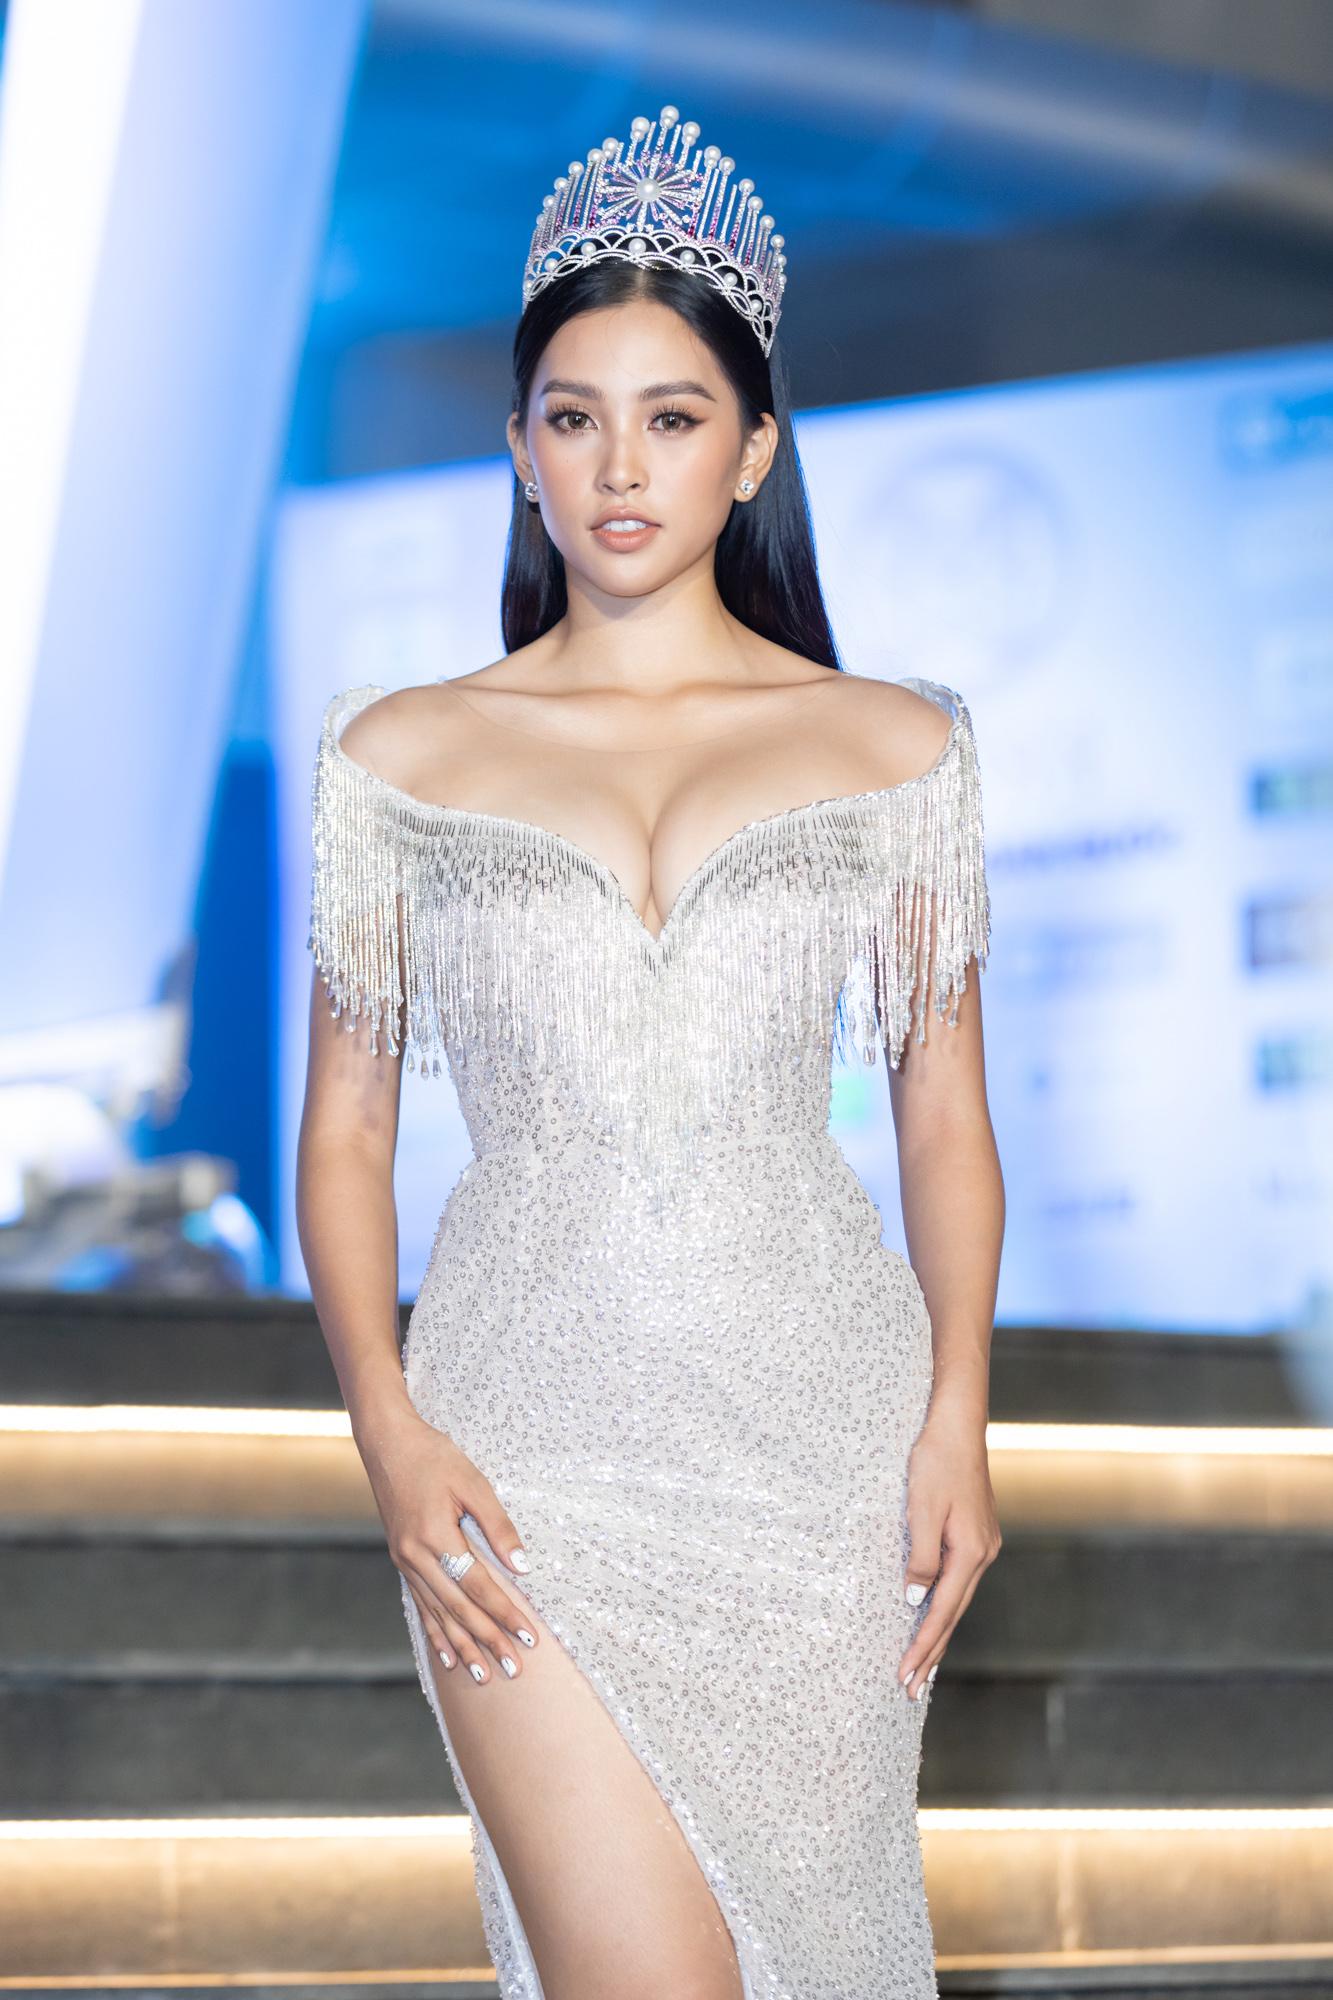 Kiểu trang phục này giúp Tiểu Vy khoe dáng, tuy nhiên nếu o ép quá đà, cô cũng có thể trông phản cảm.